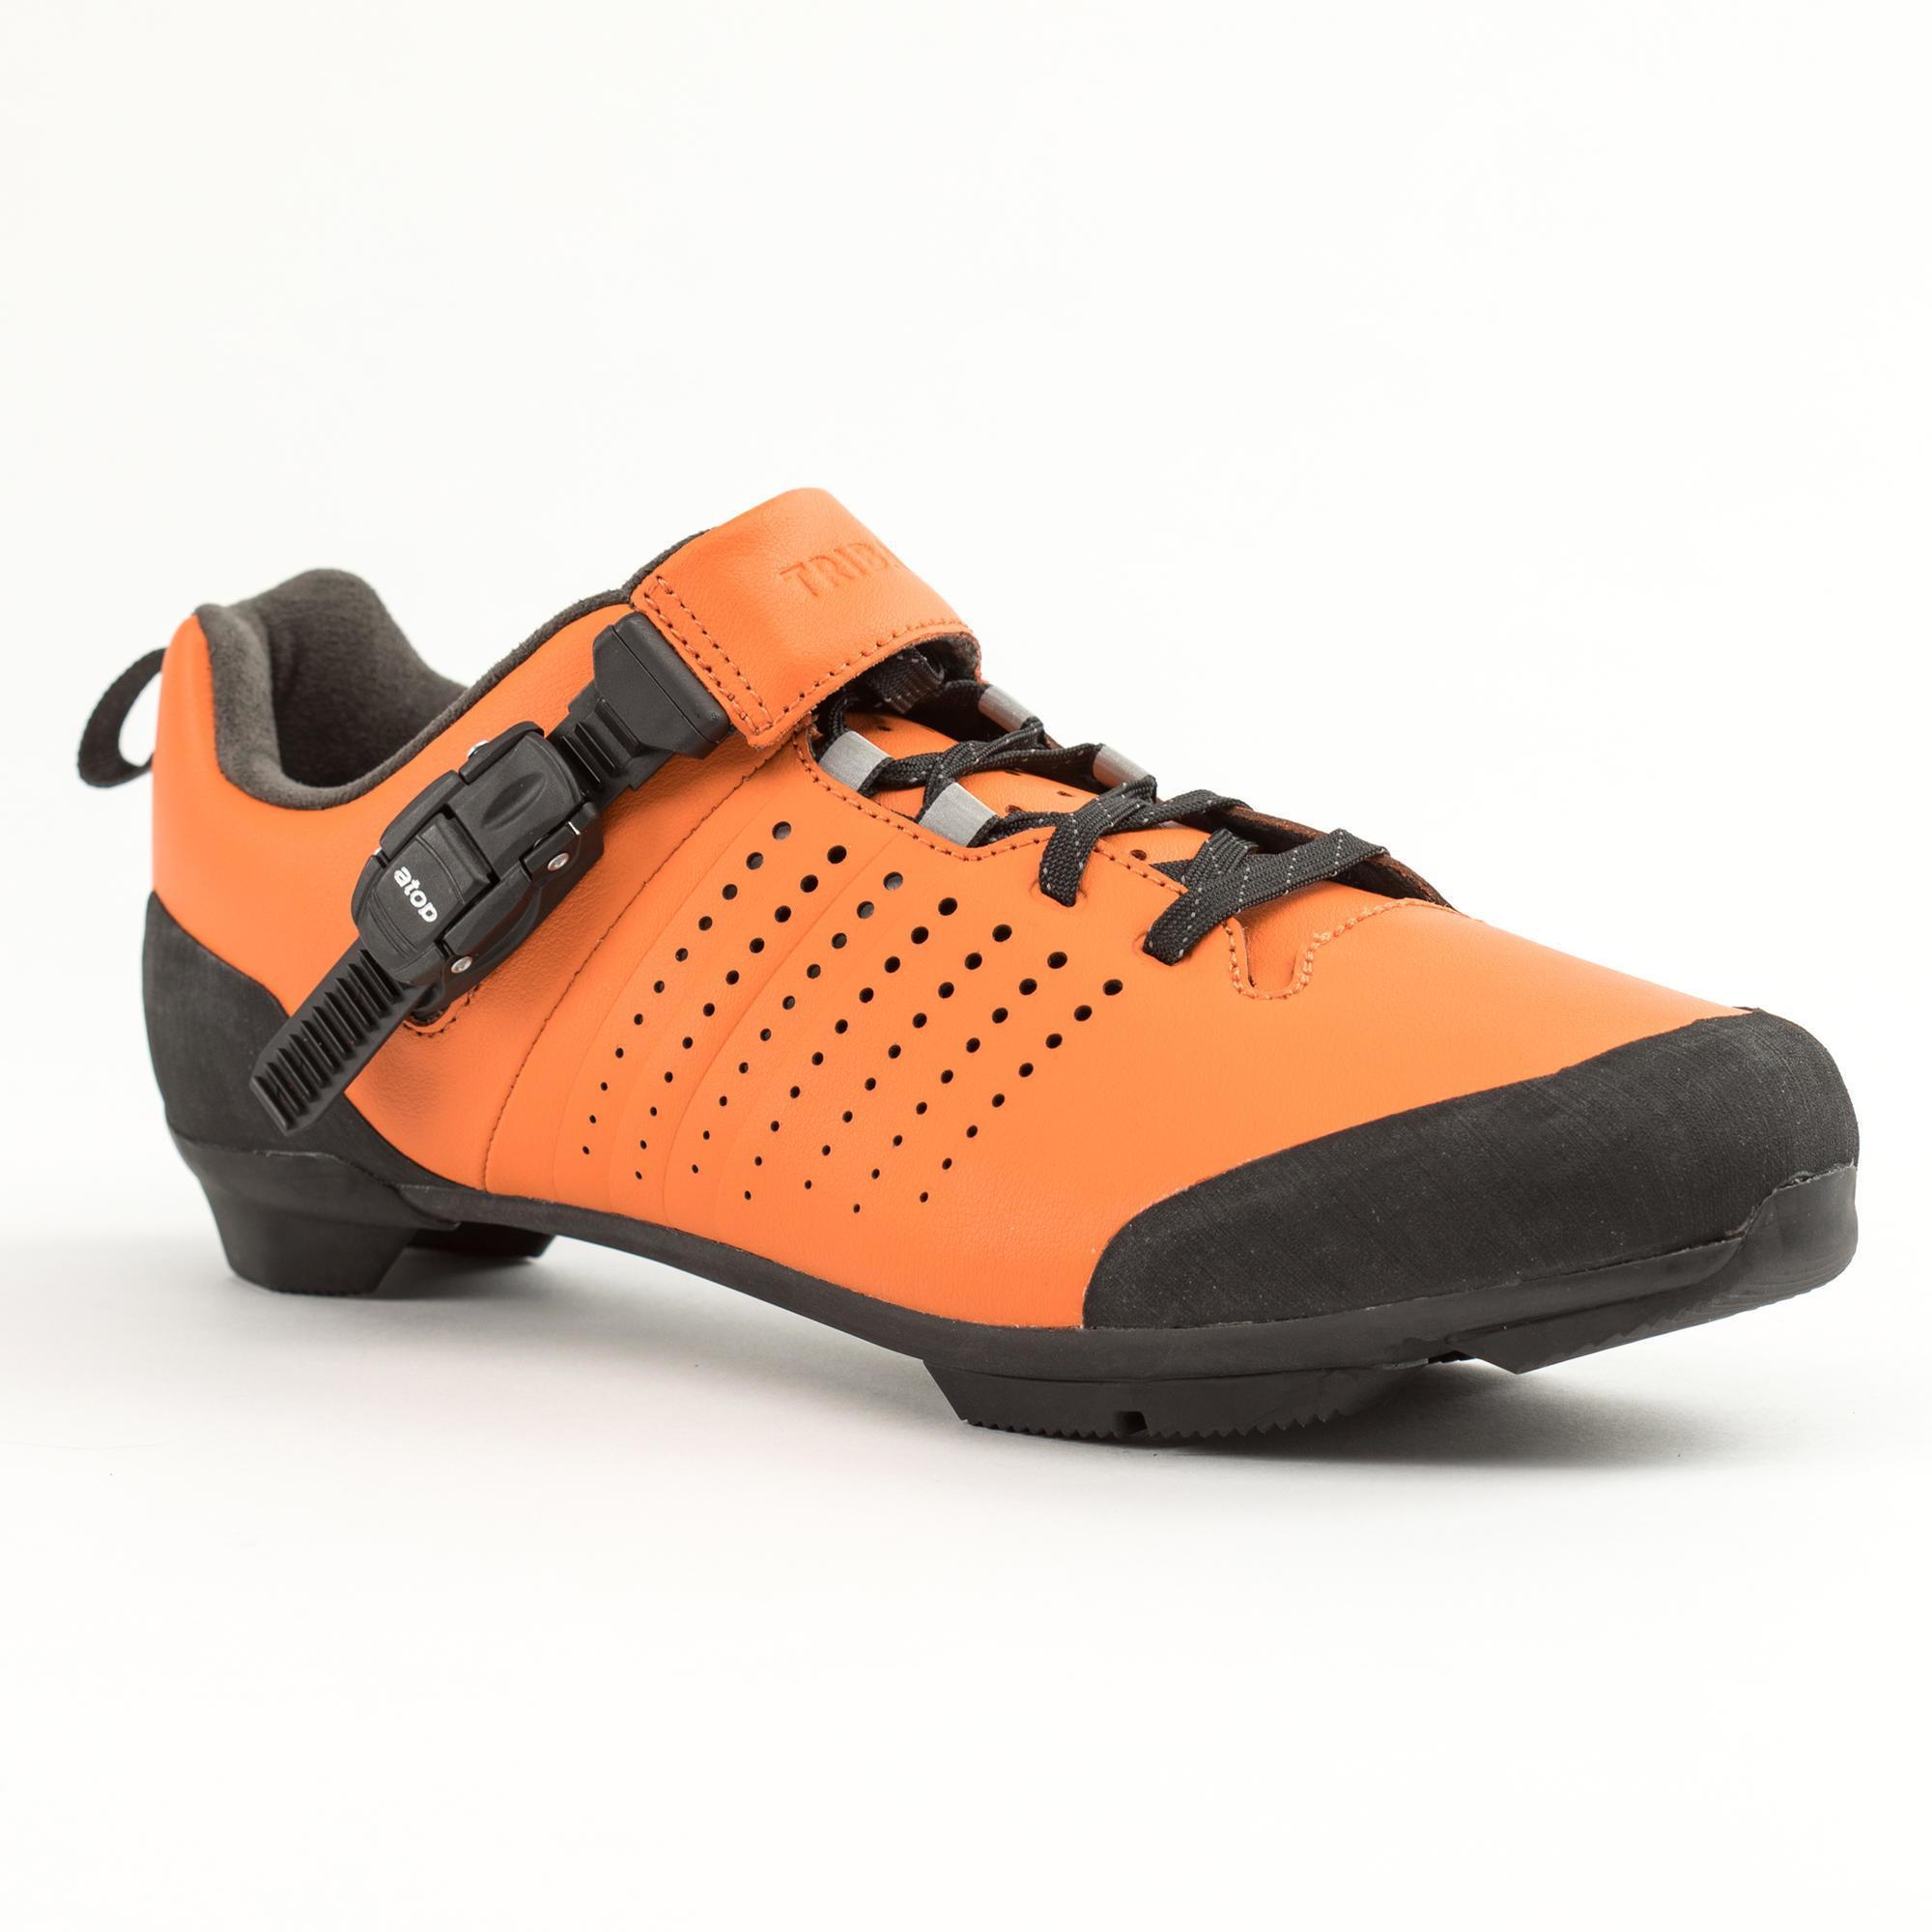 FAHRRADSCHUHE RENNRAD RC 520 (für SPD Cleats) ORANGE Leder   Schuhe > Sportschuhe > Fahrradschuhe   Orange   Leder   Triban